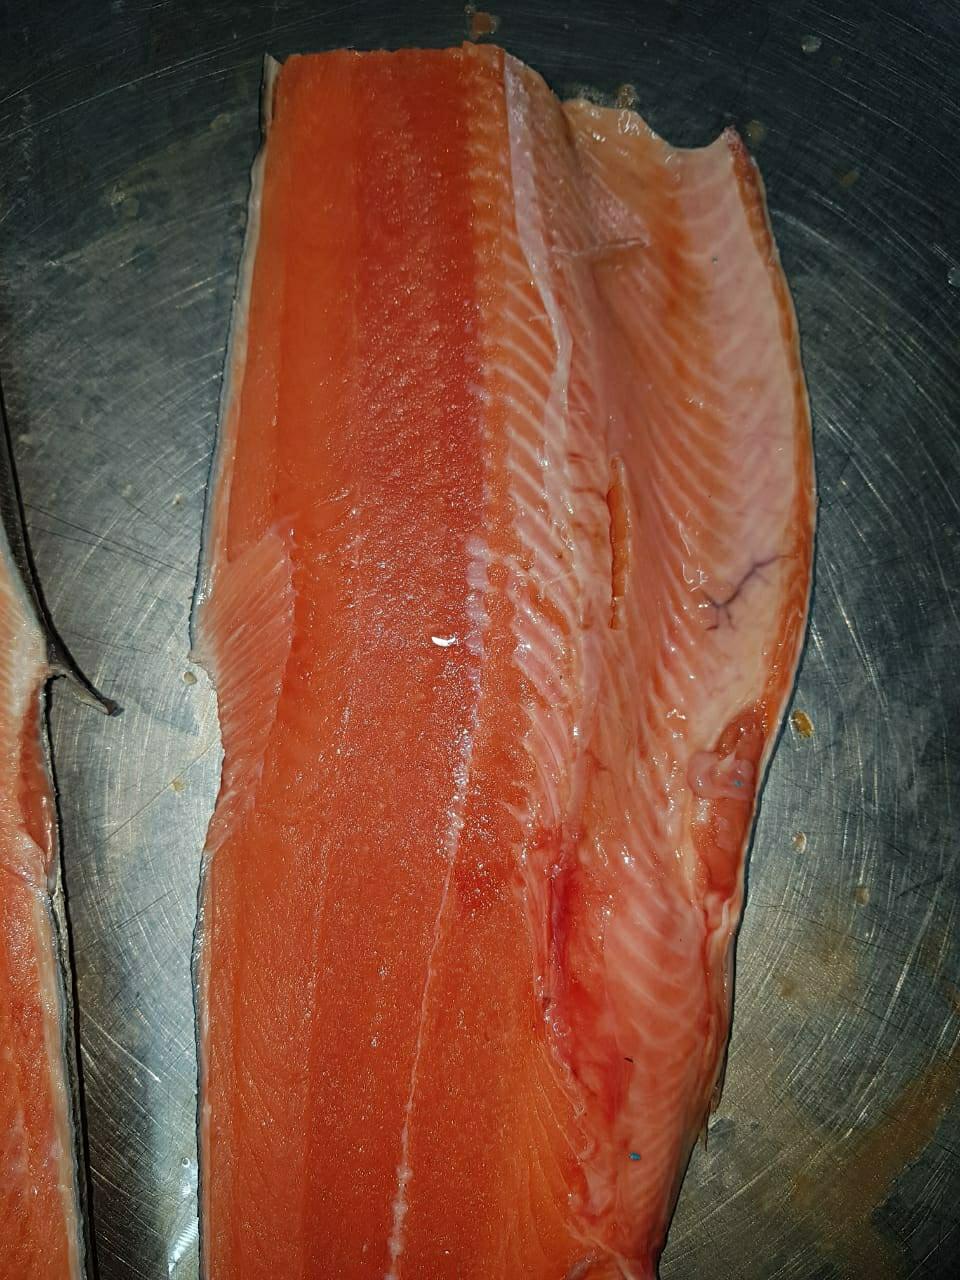 Продам рыбу из цеха, морепродукты, икру в Королеве купить 2